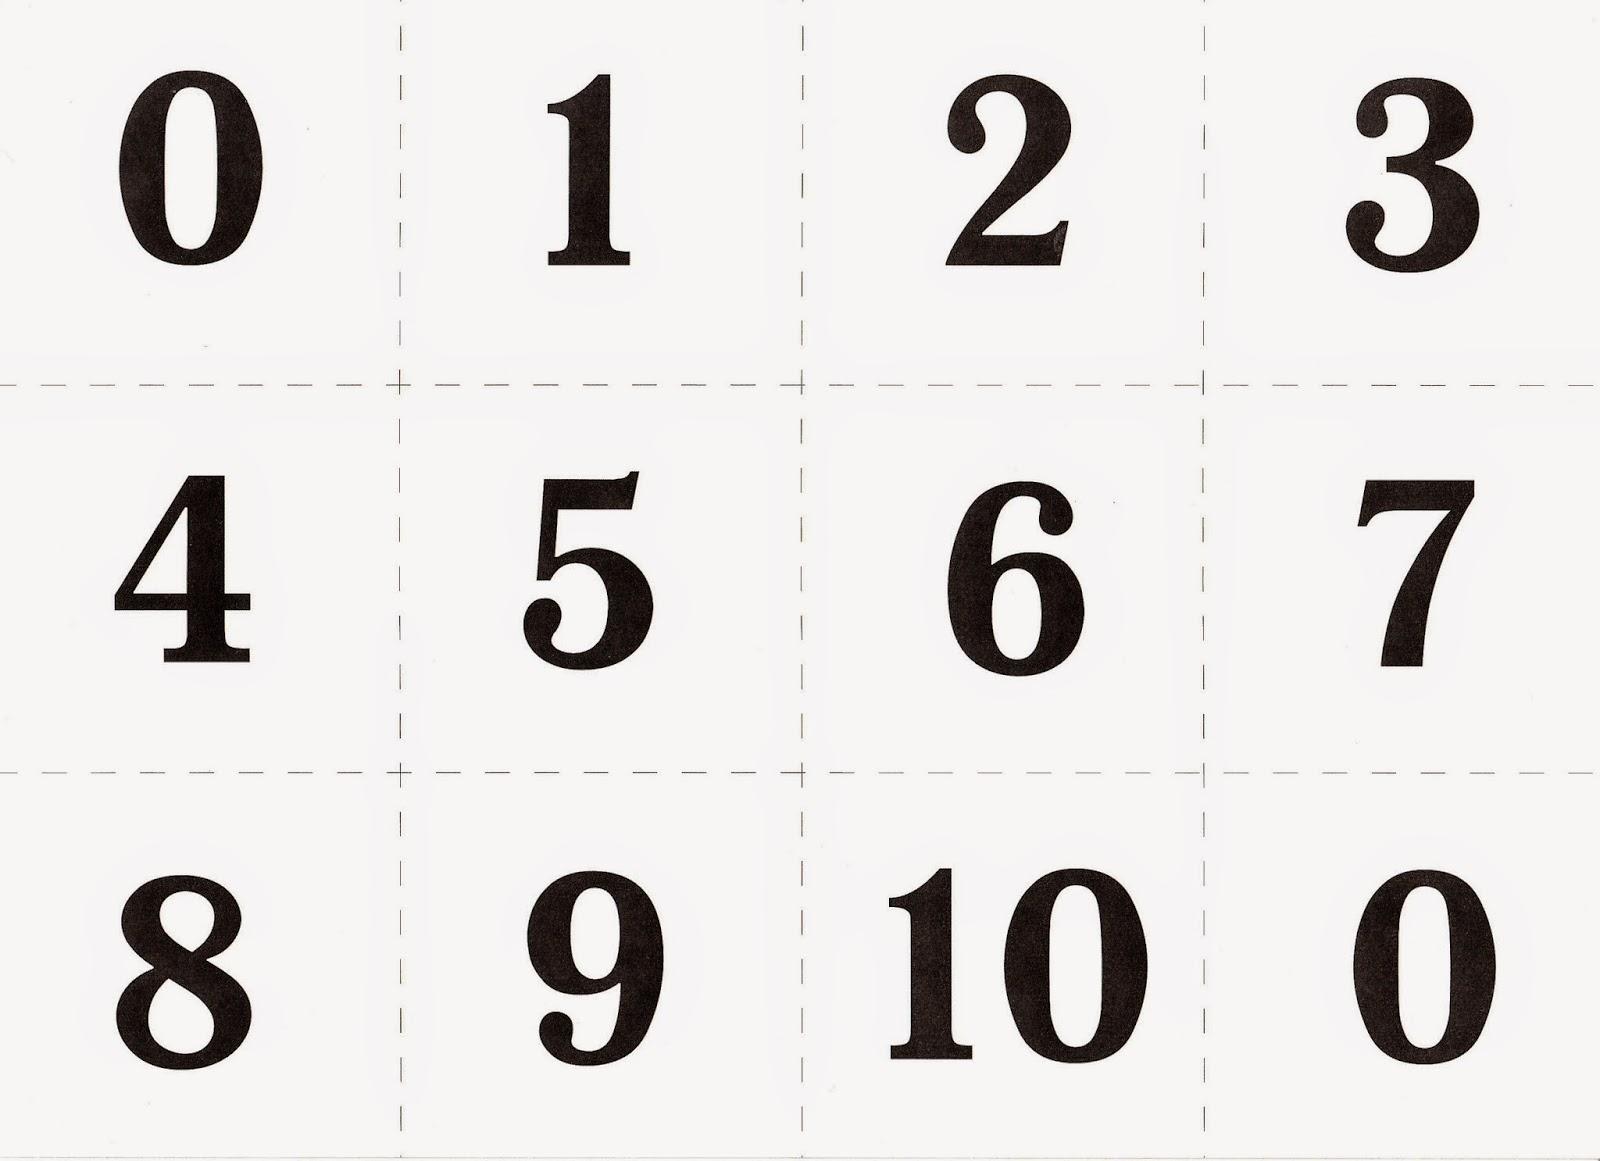 знакомство с цифрами от 0 до 9